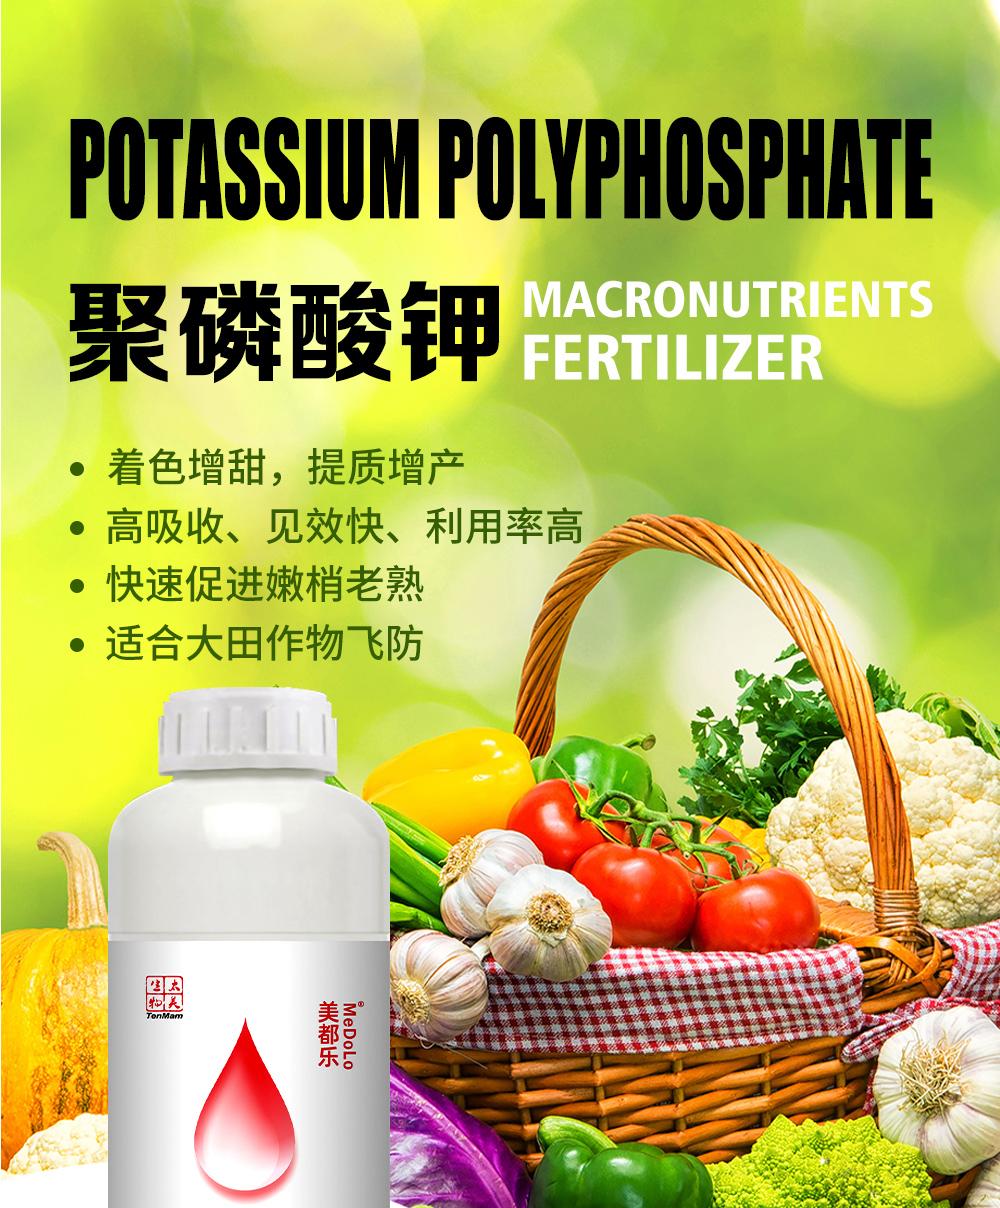 聚磷酸钾商详_01.jpg